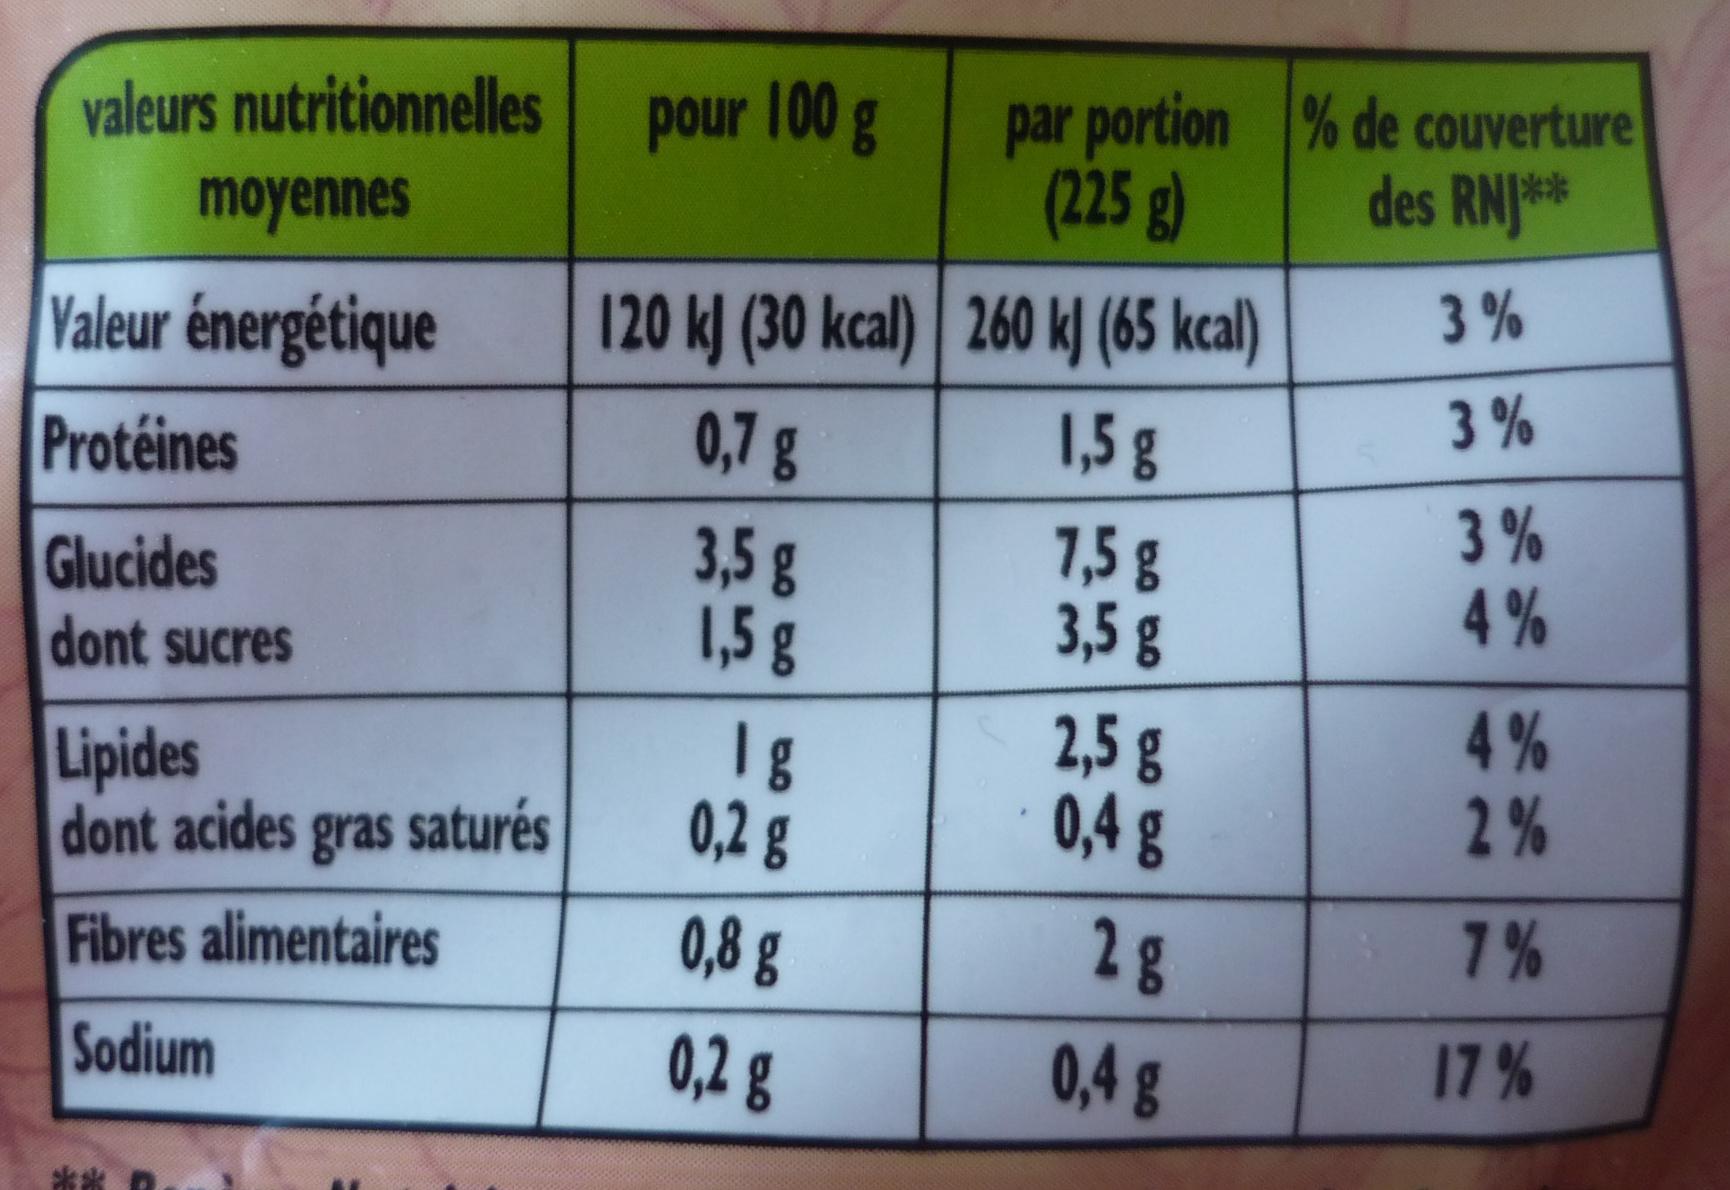 Velouté légumes provençaux - Voedigswaarden